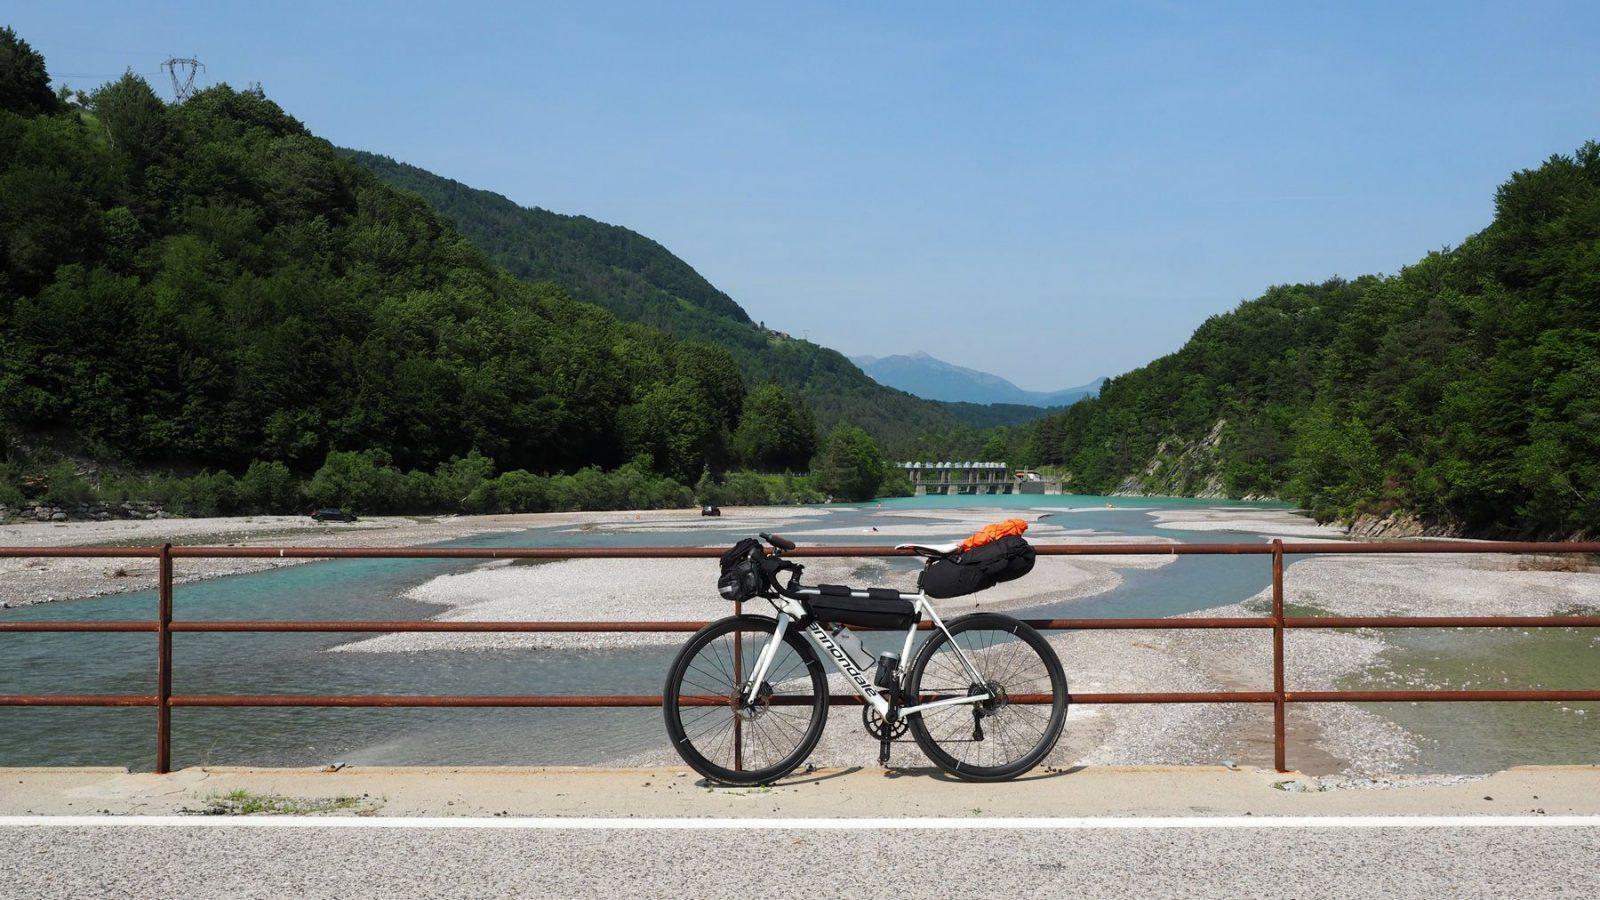 der Tagliamento - nach der Abfahrt vom Passo Rest